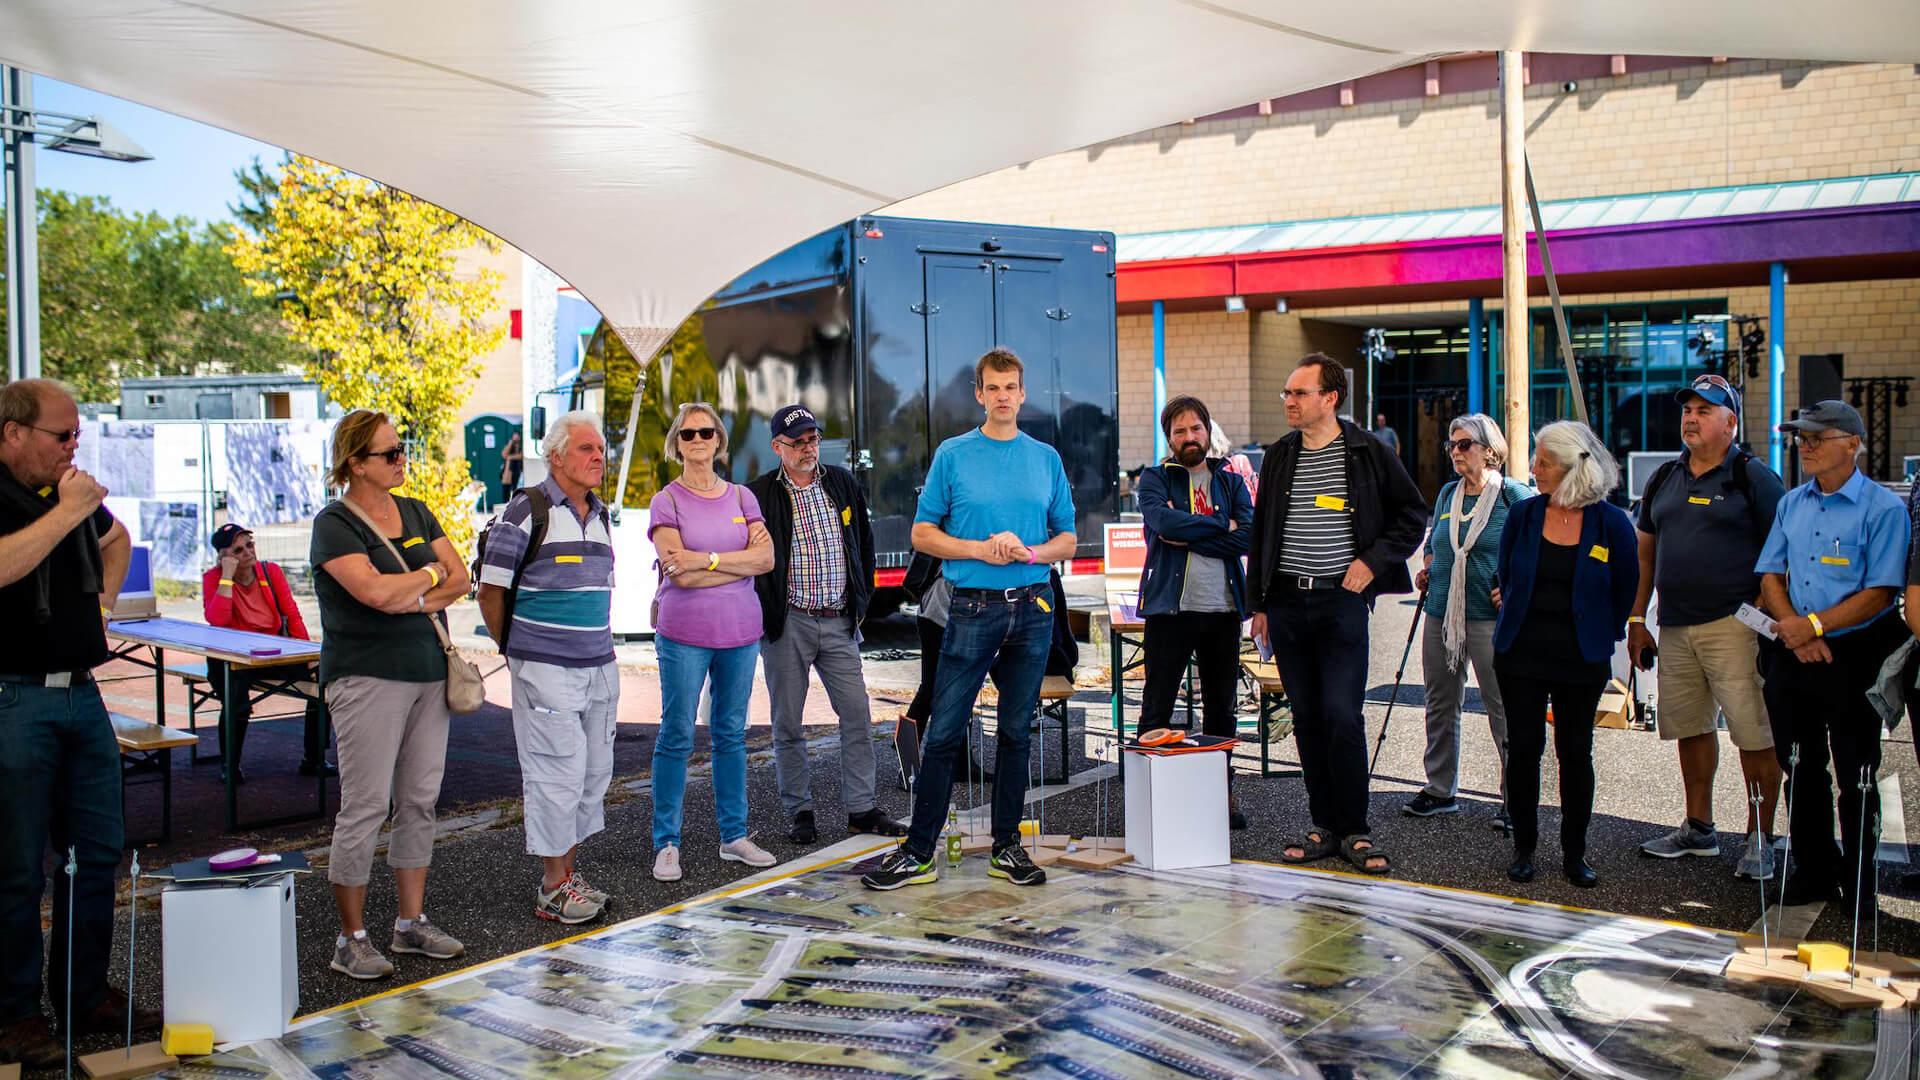 Workshop mit Bürgerinnen und Bürgern zur Zukunft des neuen Stadtteils auf dem Gelände des PHV im September 2019.  © Dittmer